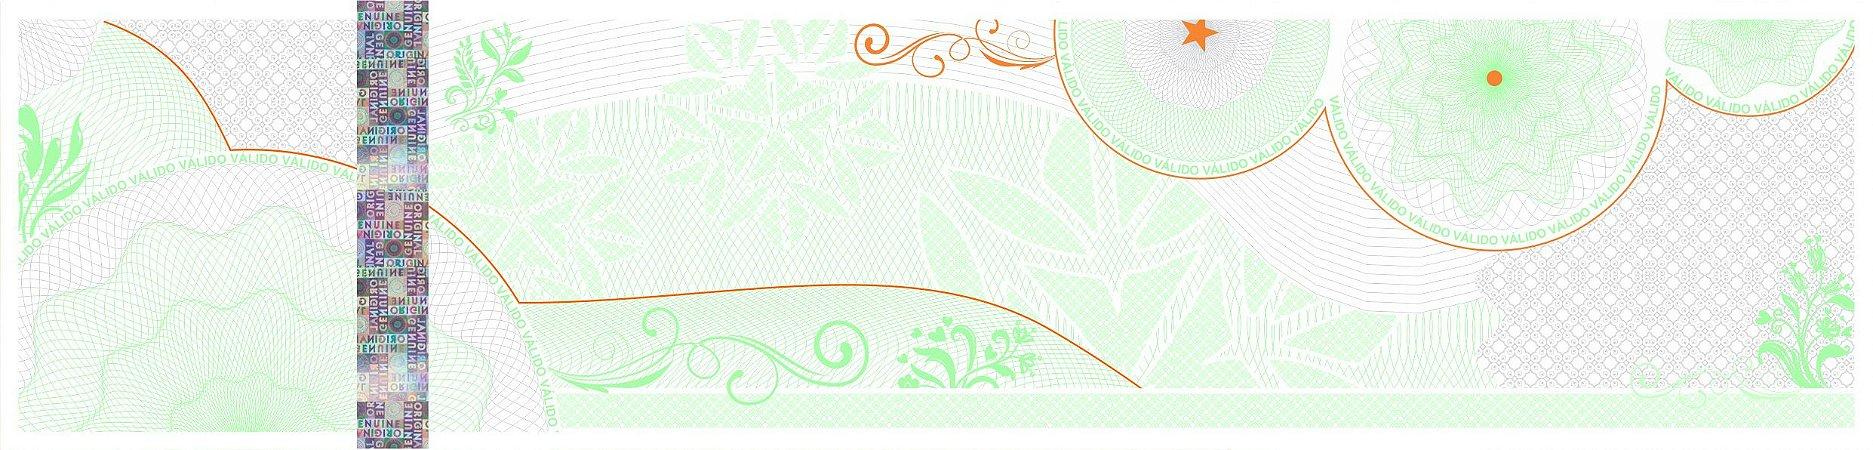 -Ingresso F6 Holografico Verde